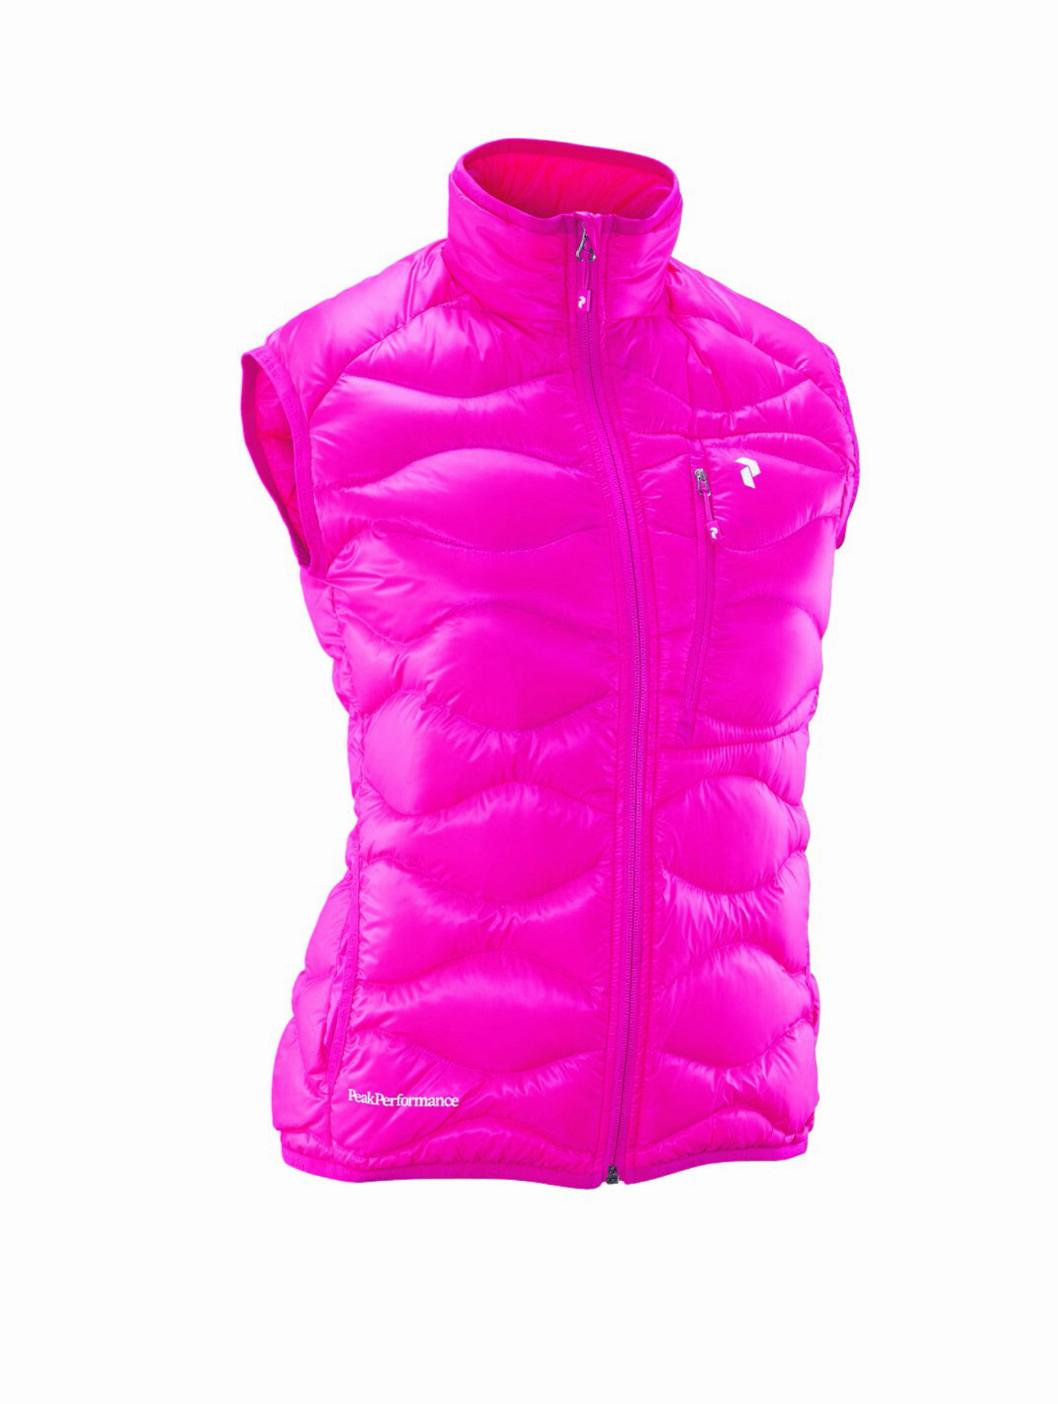 Helium vest fra Peak Performance - 1800 kroner. Foto: Produsenten